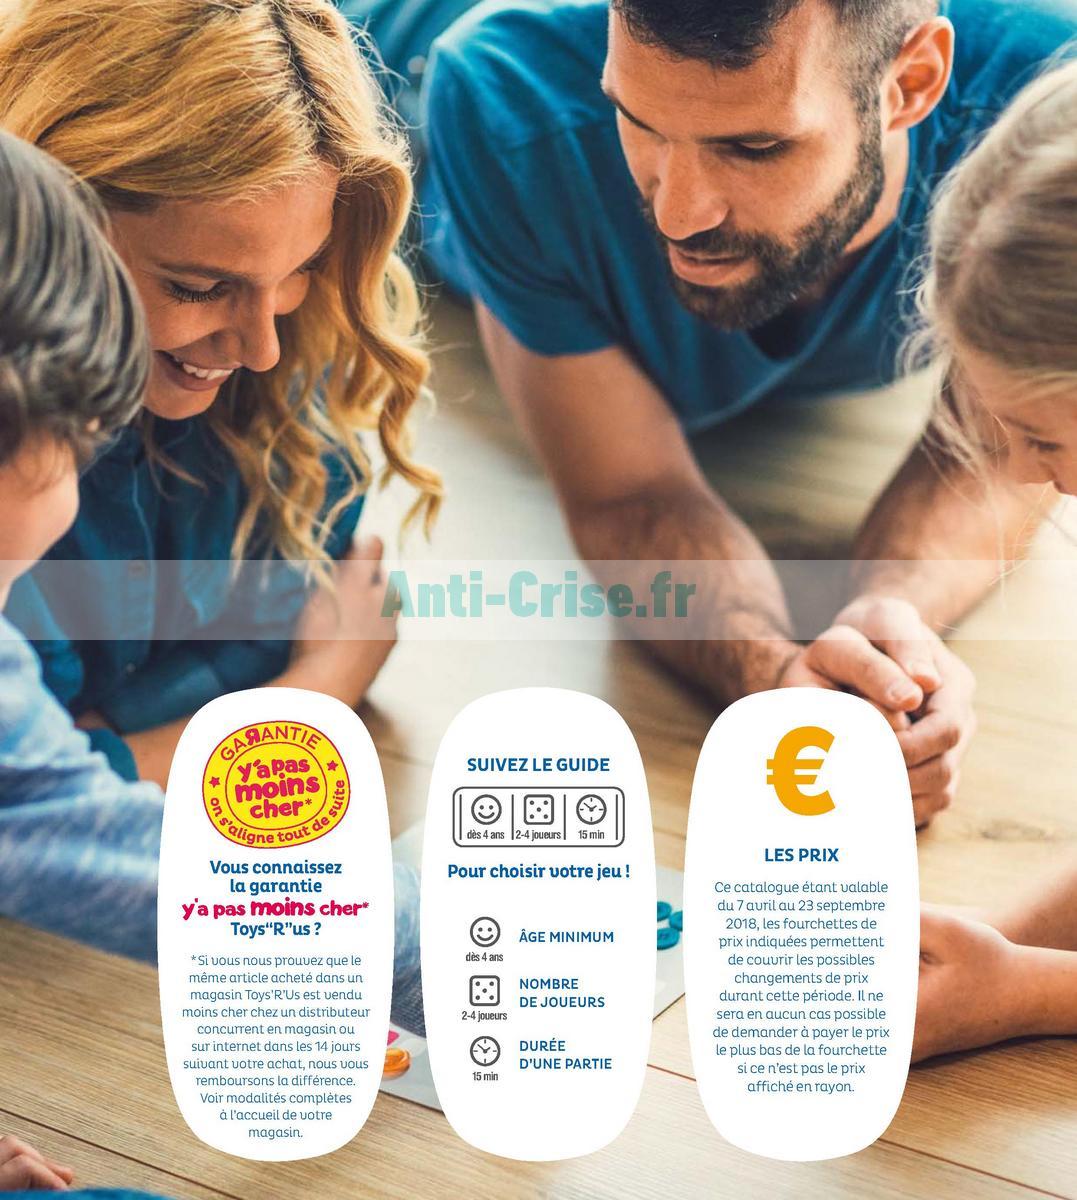 septembre2018 Catalogue Toys R Us du 7 avril au 23 septembre 2018 (Jeux de Société) (2)